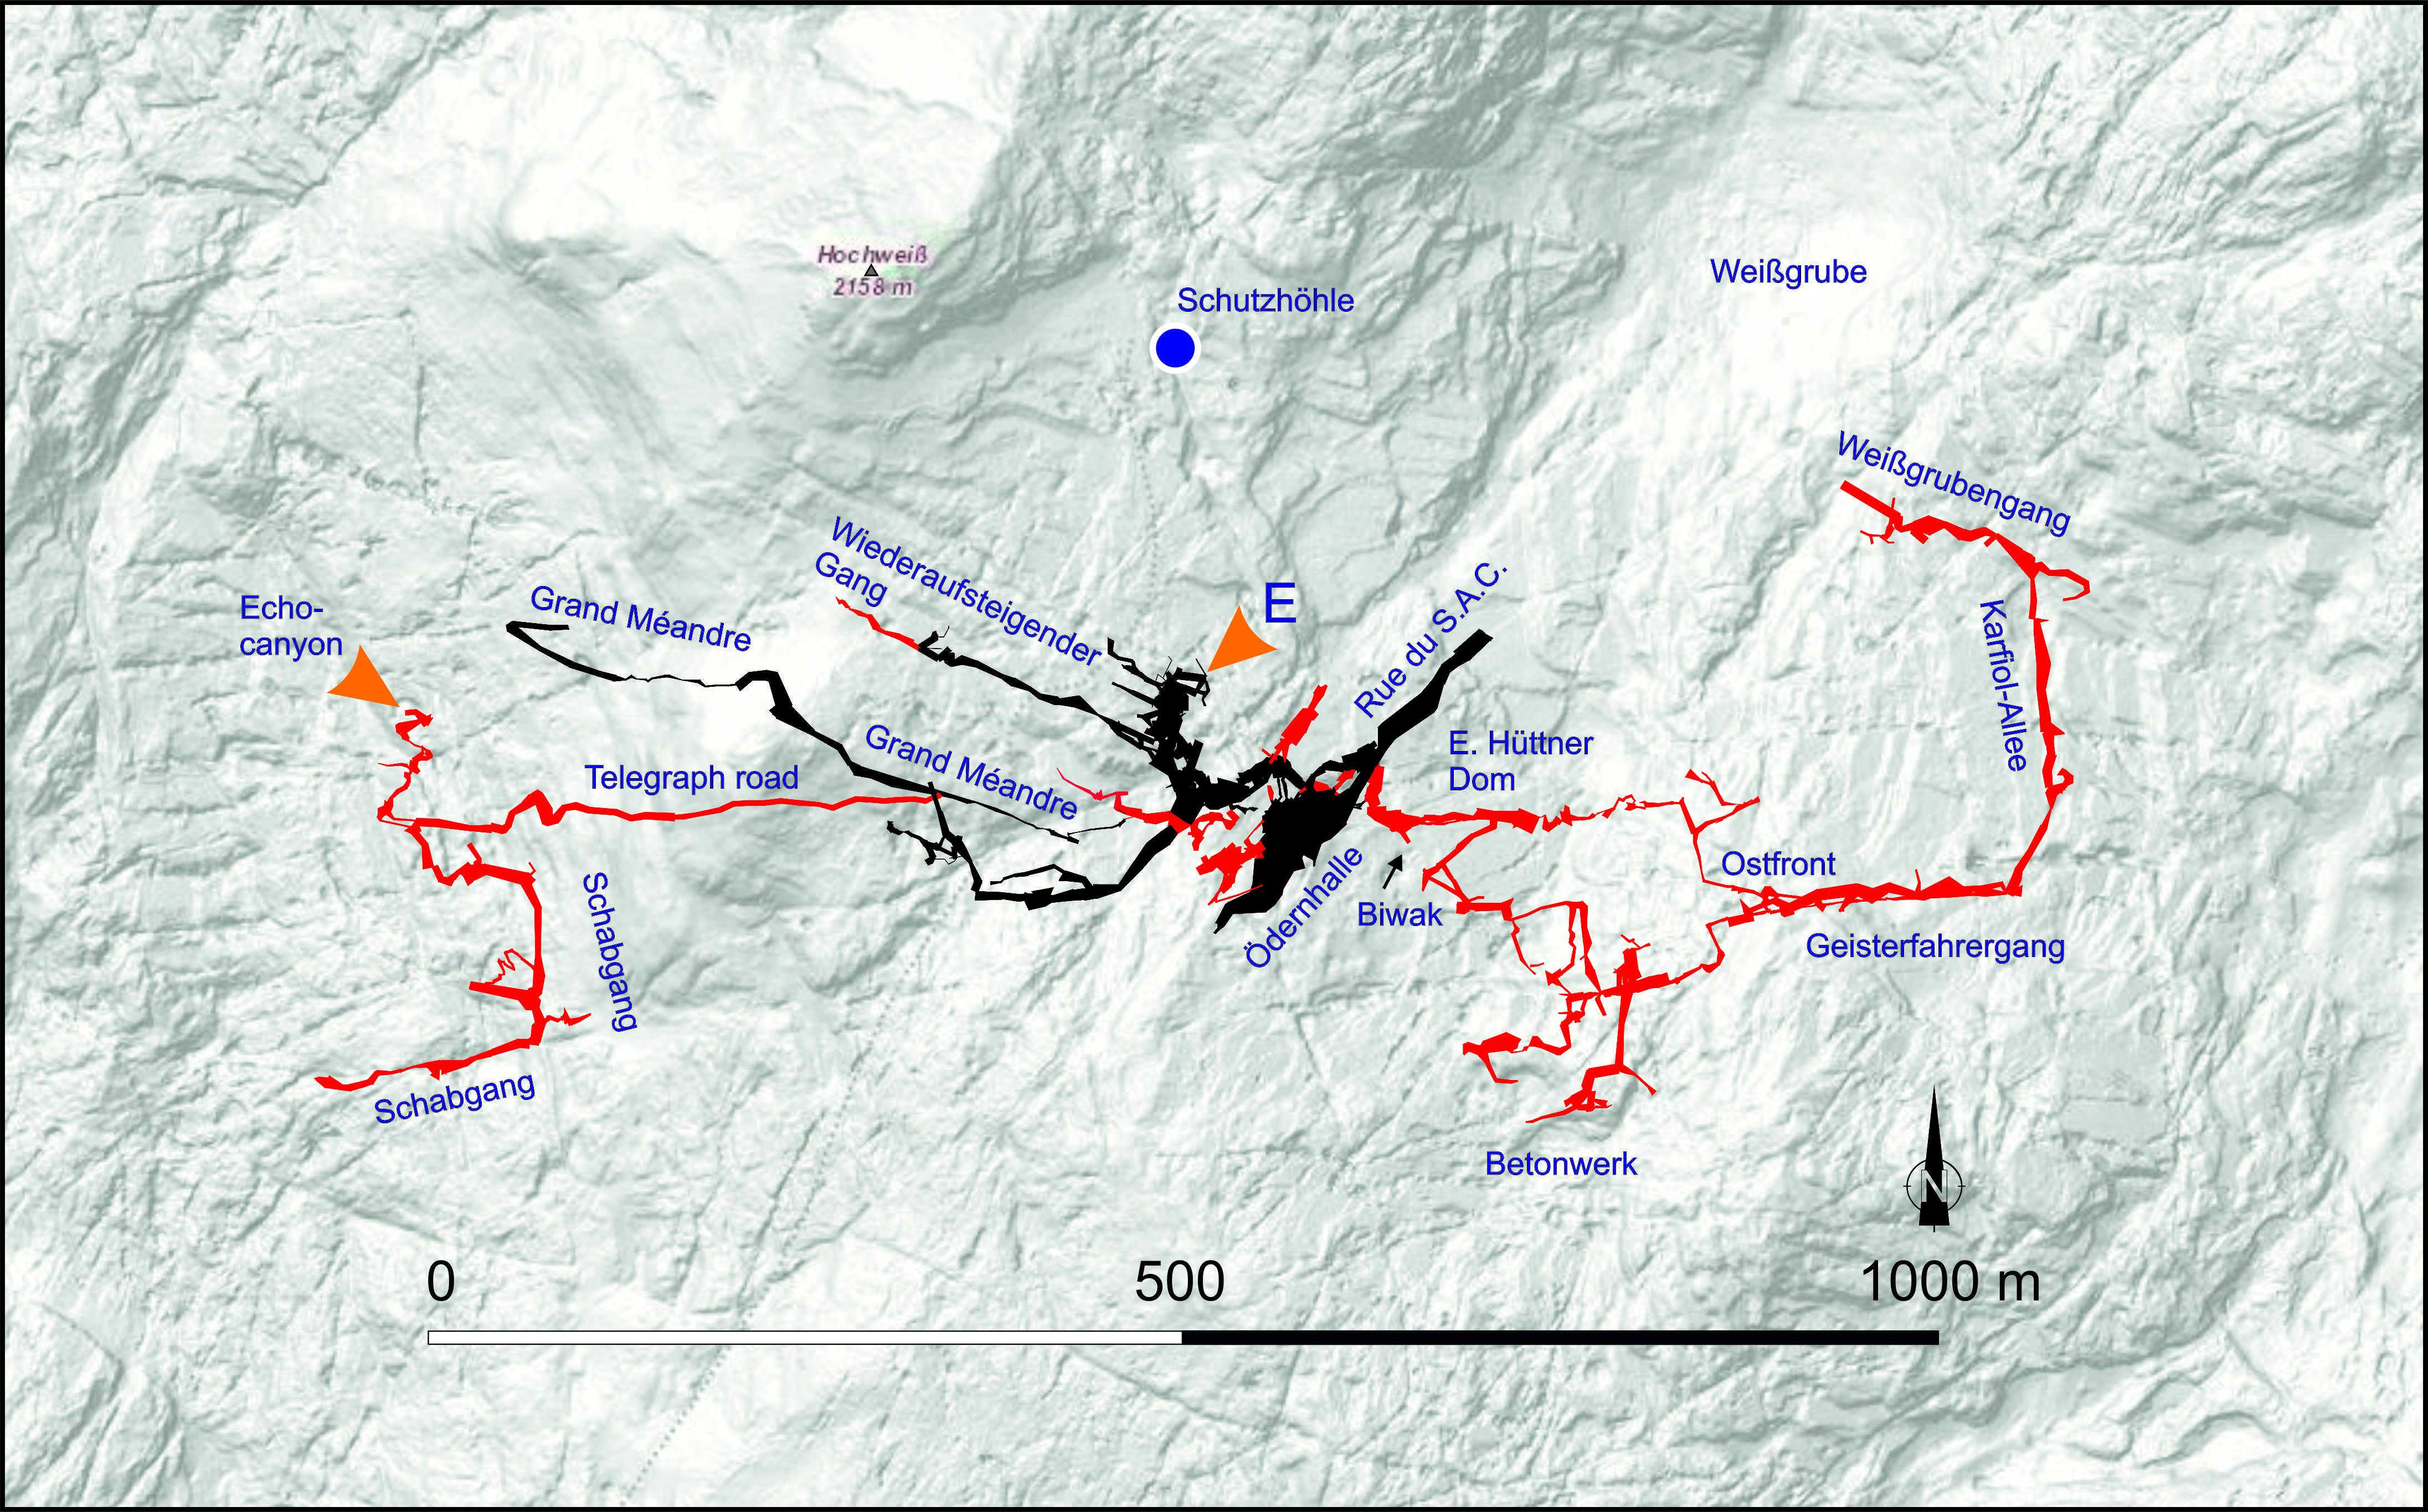 Übersichtsgrundriss der Wildbaderhöhle. Die in roter Farbe dargestellten Höhlenteile wurden im Zuge der neuen Forschungen entdeckt. Die in schwarz dargestellten Teile waren bereits vorher bekannt, aber teilweise noch nicht vermessen.